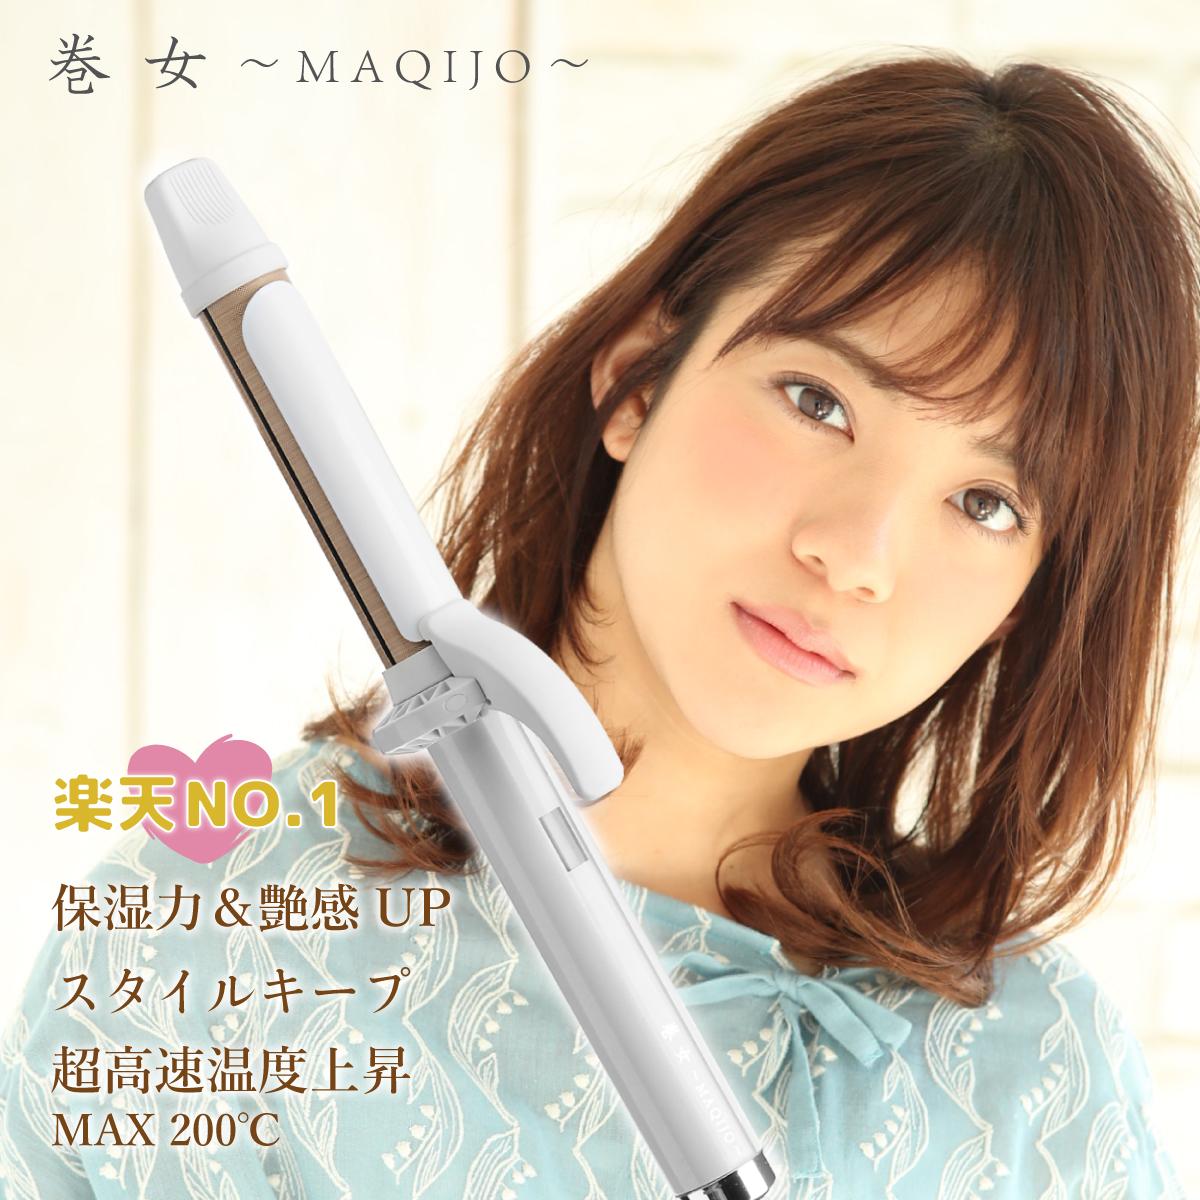 巻女~MAQIJO~【公式・送料無料】カールアイロン 最高200℃ マキージョ コテ 32、28mm 1位獲得! シルクプレート 高速 高温